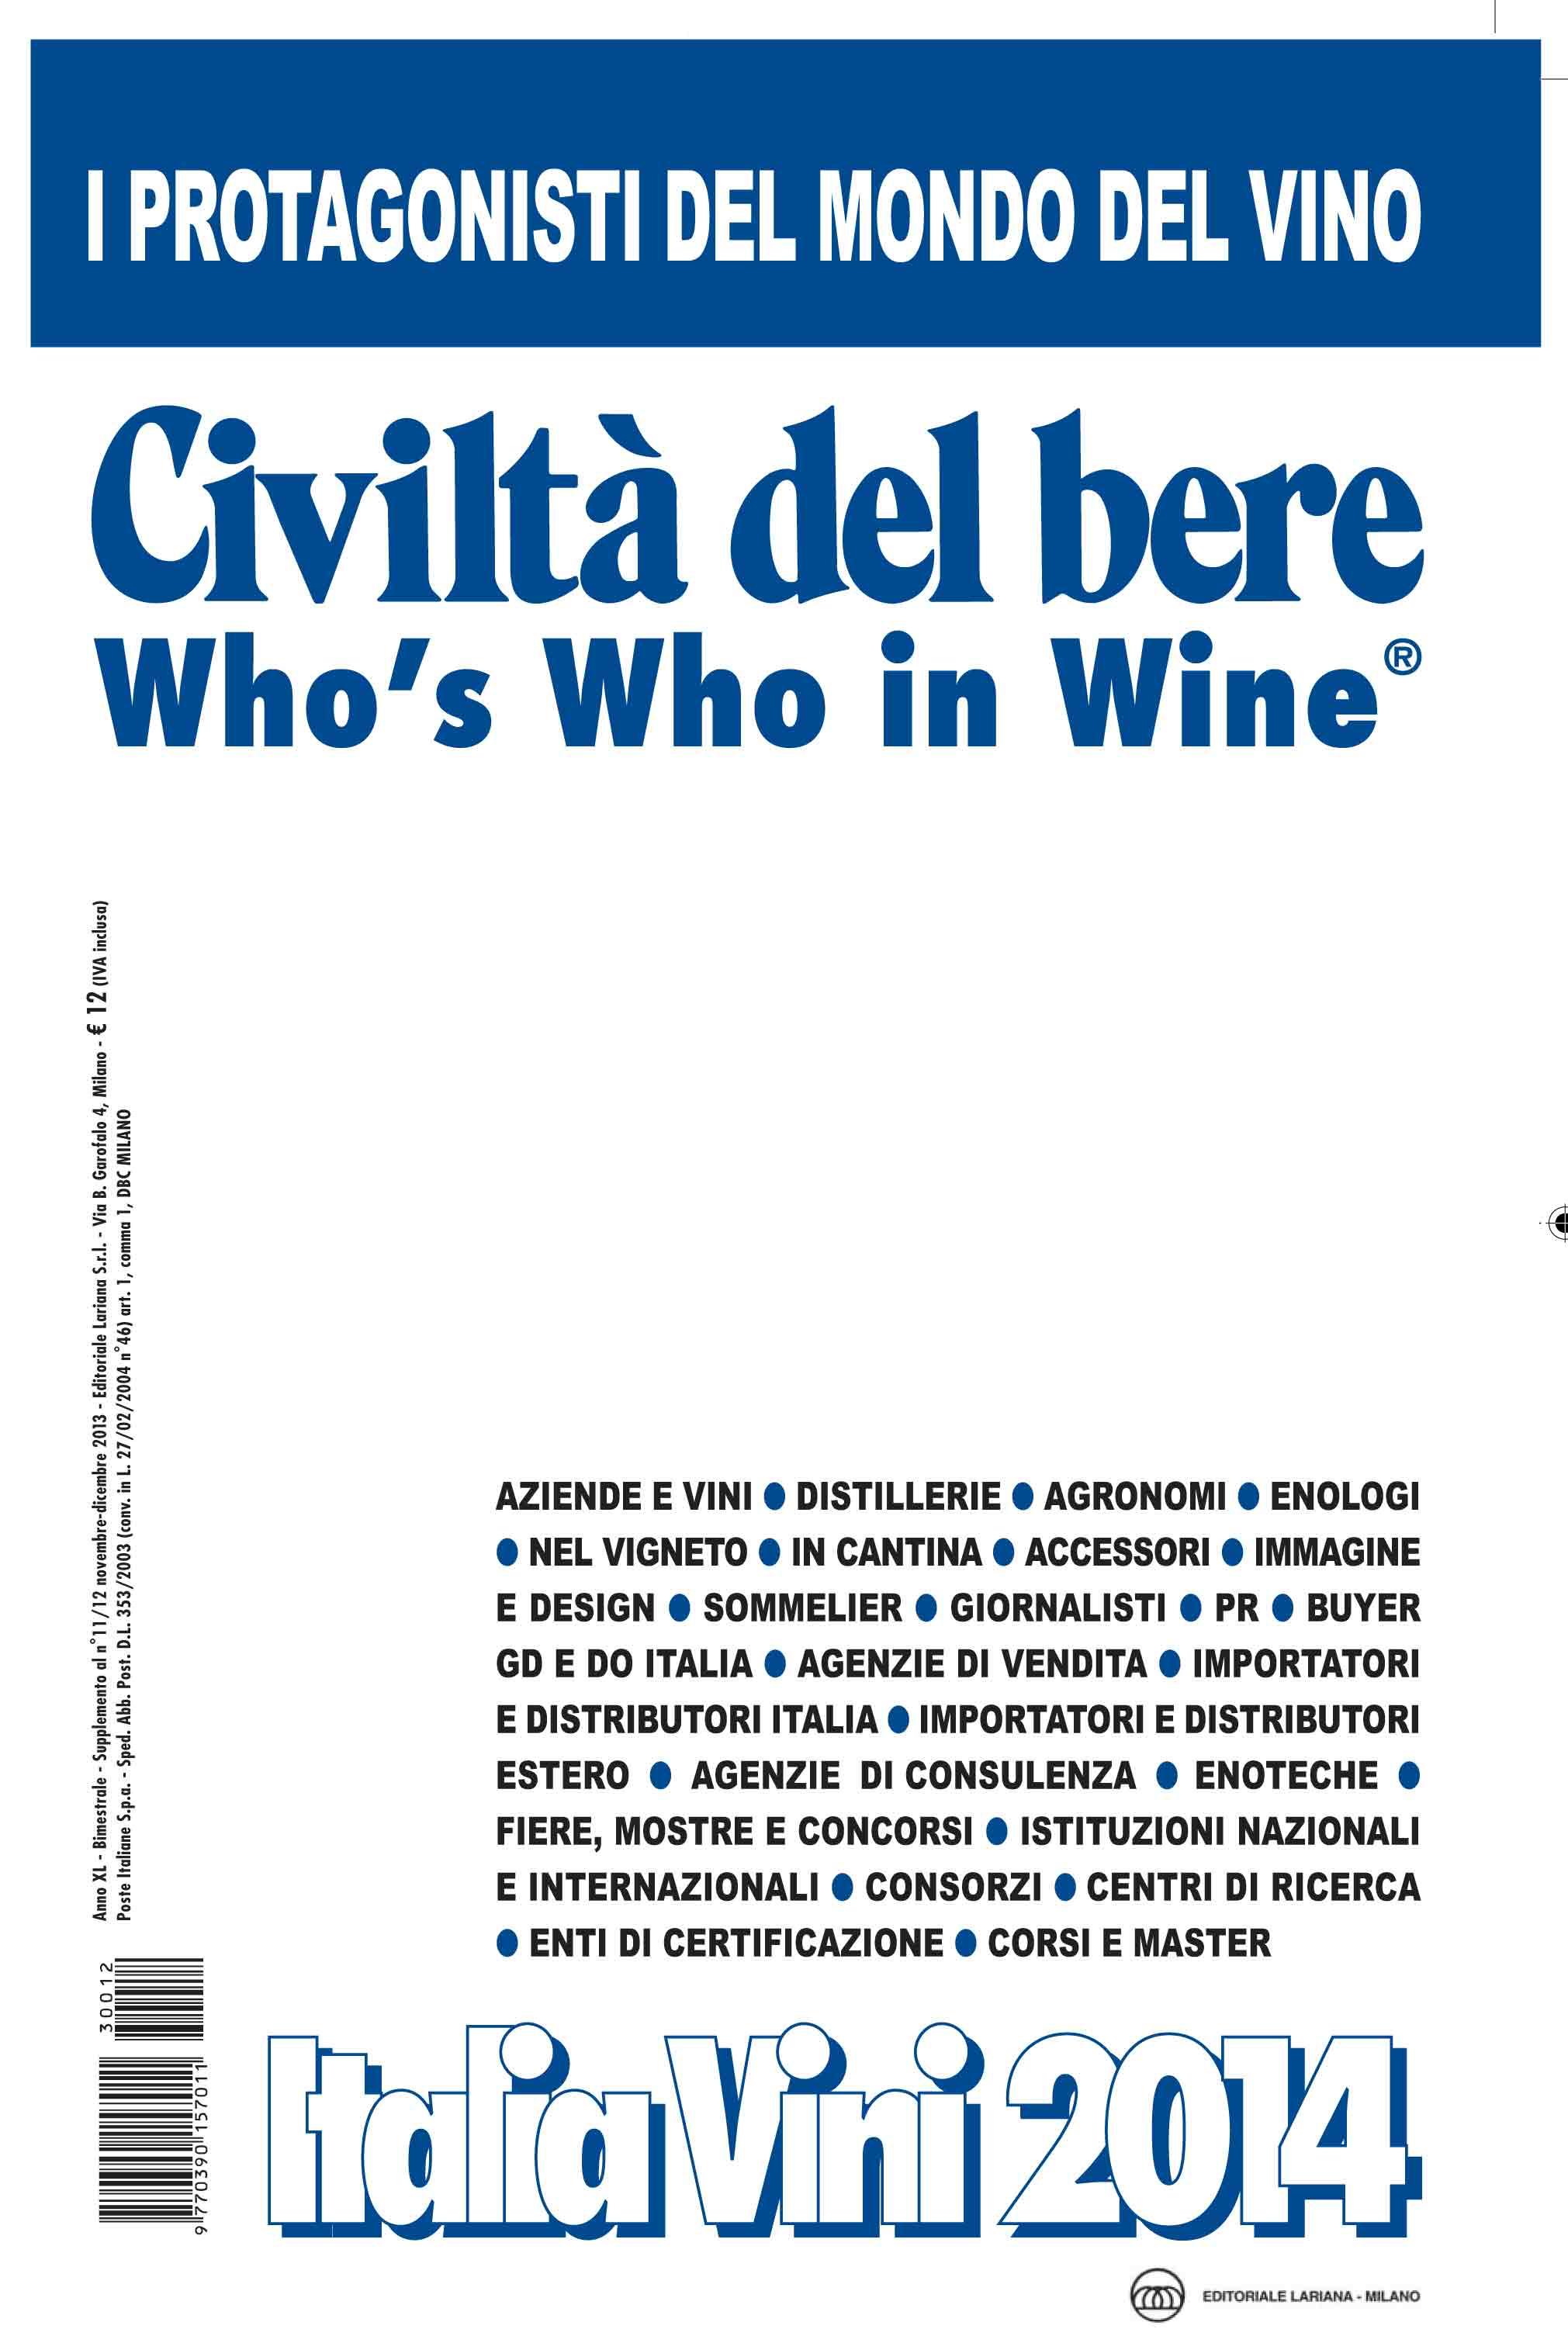 Chi è chi nel mondo del vino? Tutti i nomi (e cognomi) della filiera